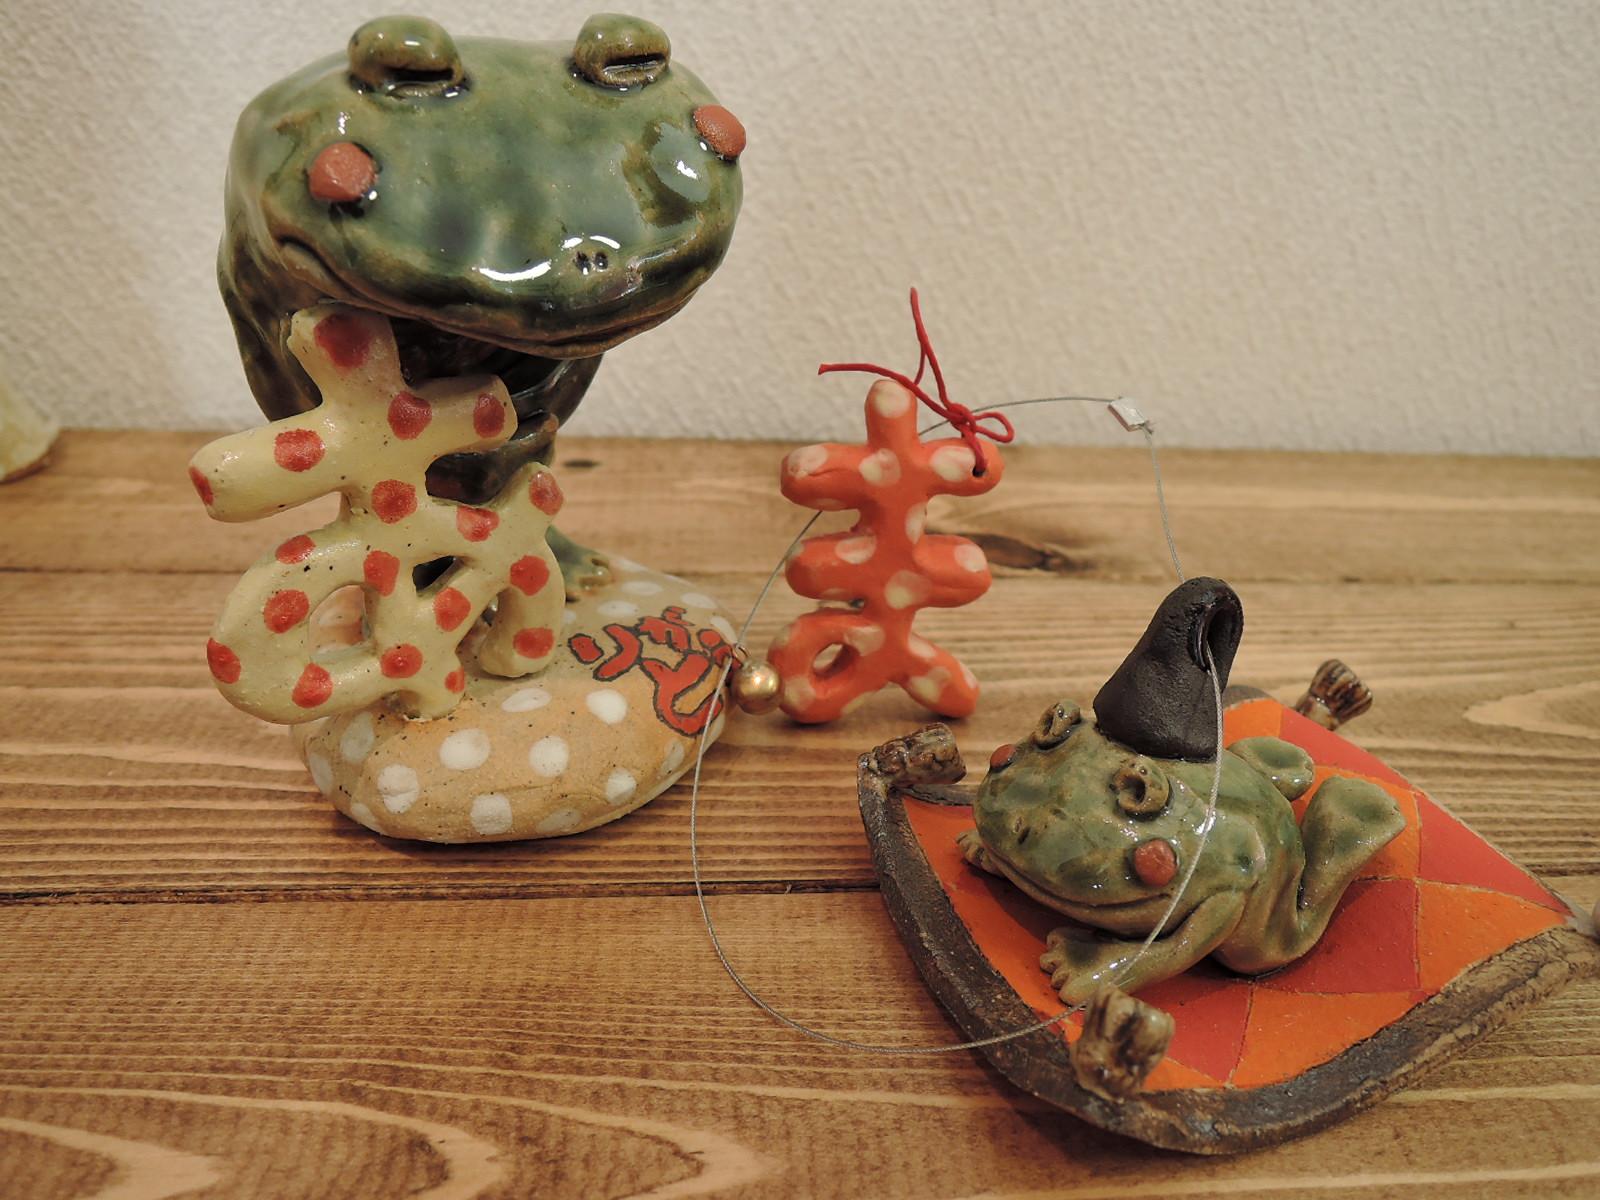 美幸ひなたさんのあいうえお作品「魔法のじゅうたん」ありがとカエルと一緒